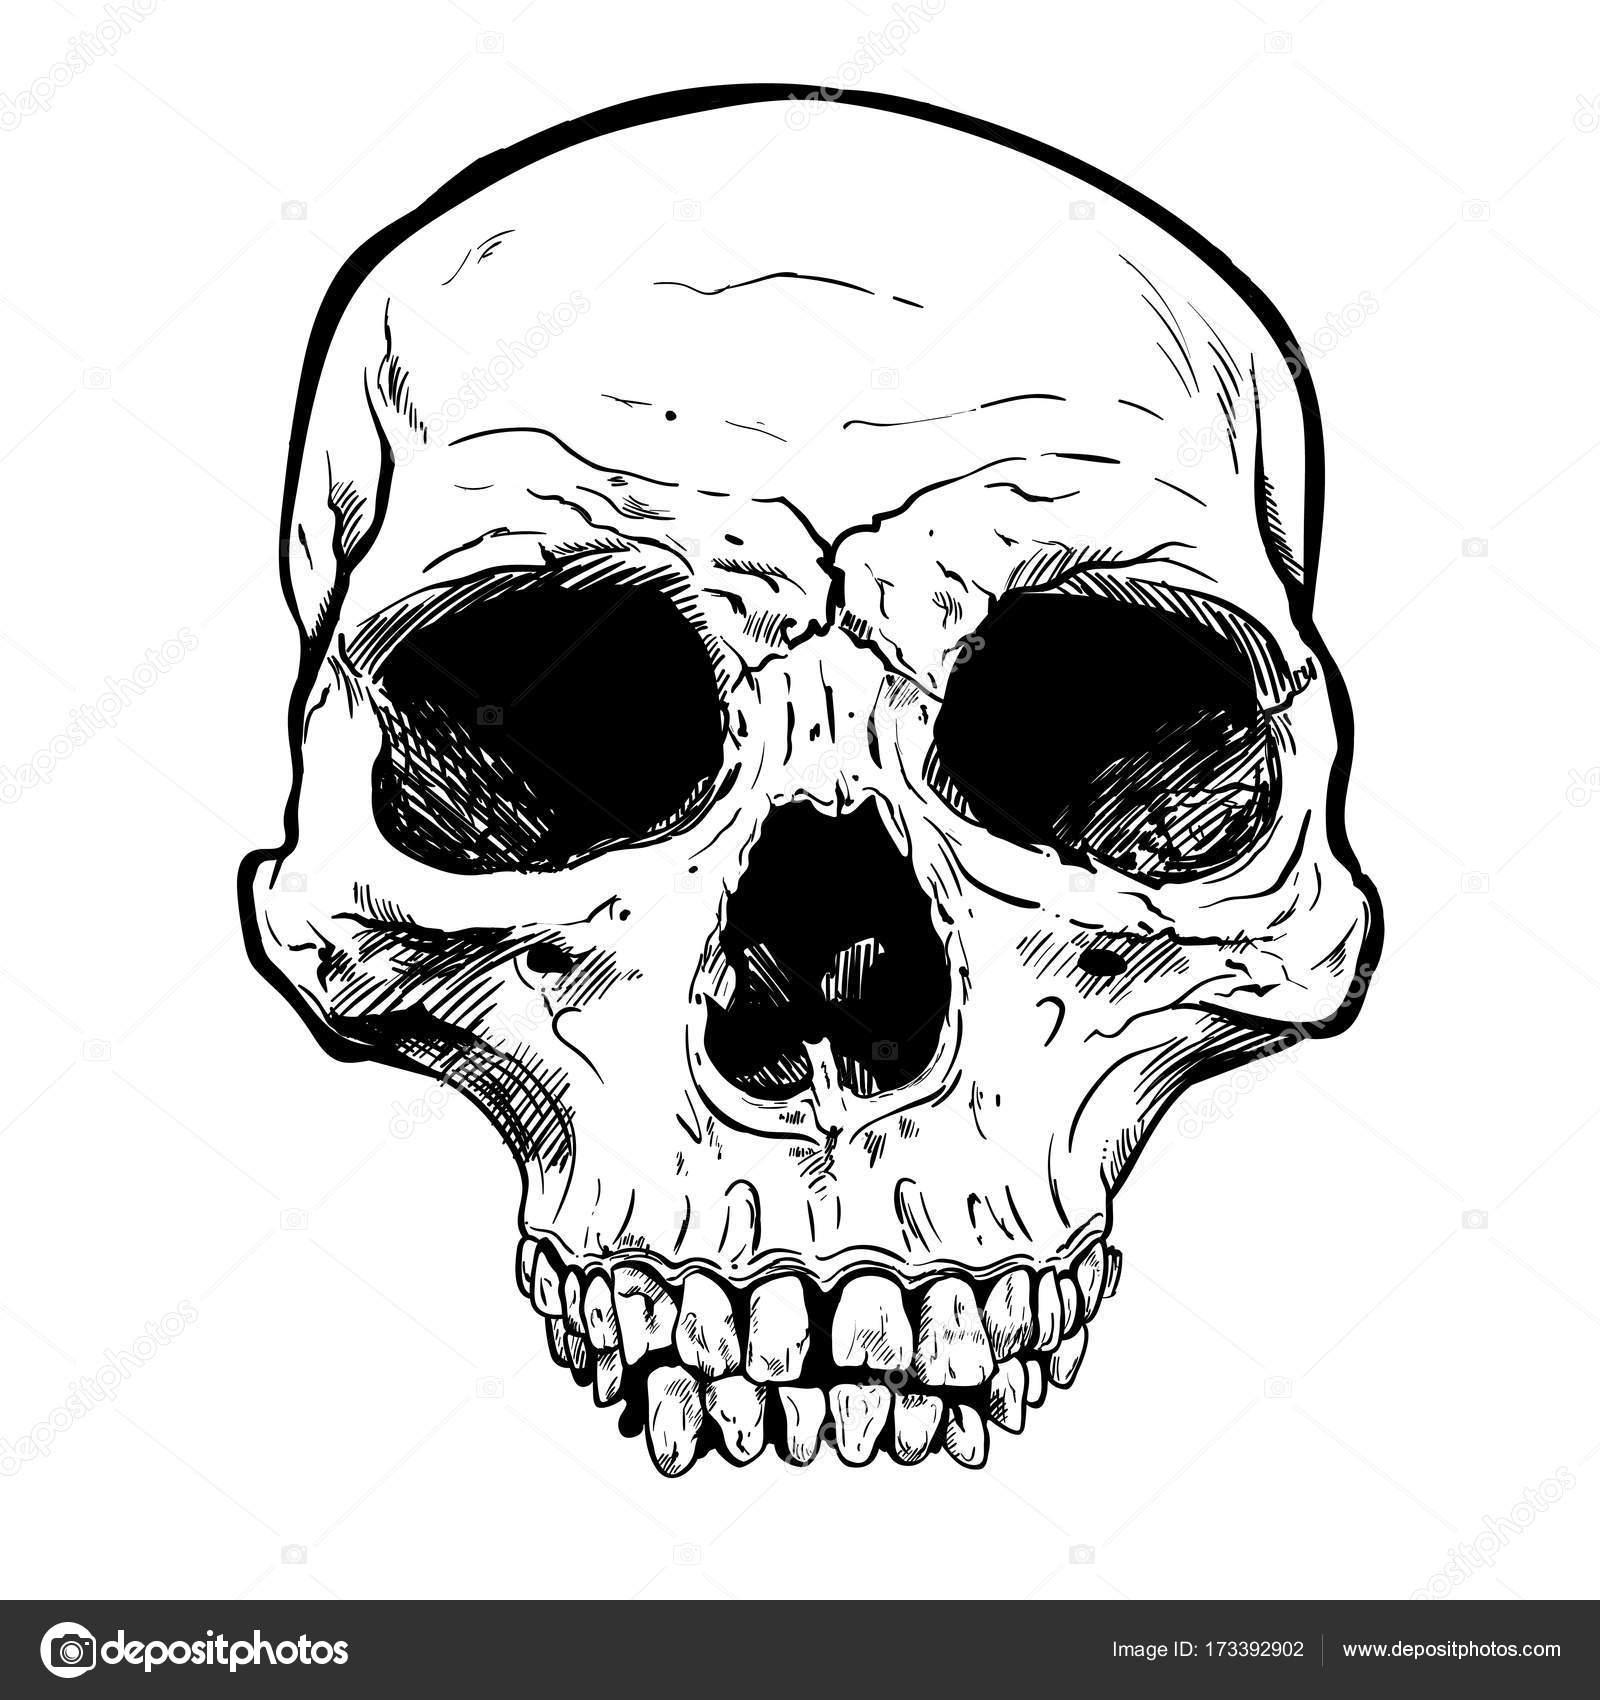 Menschlicher Schädel Vektorgrafiken. Handgezeichnete Abbildung ...